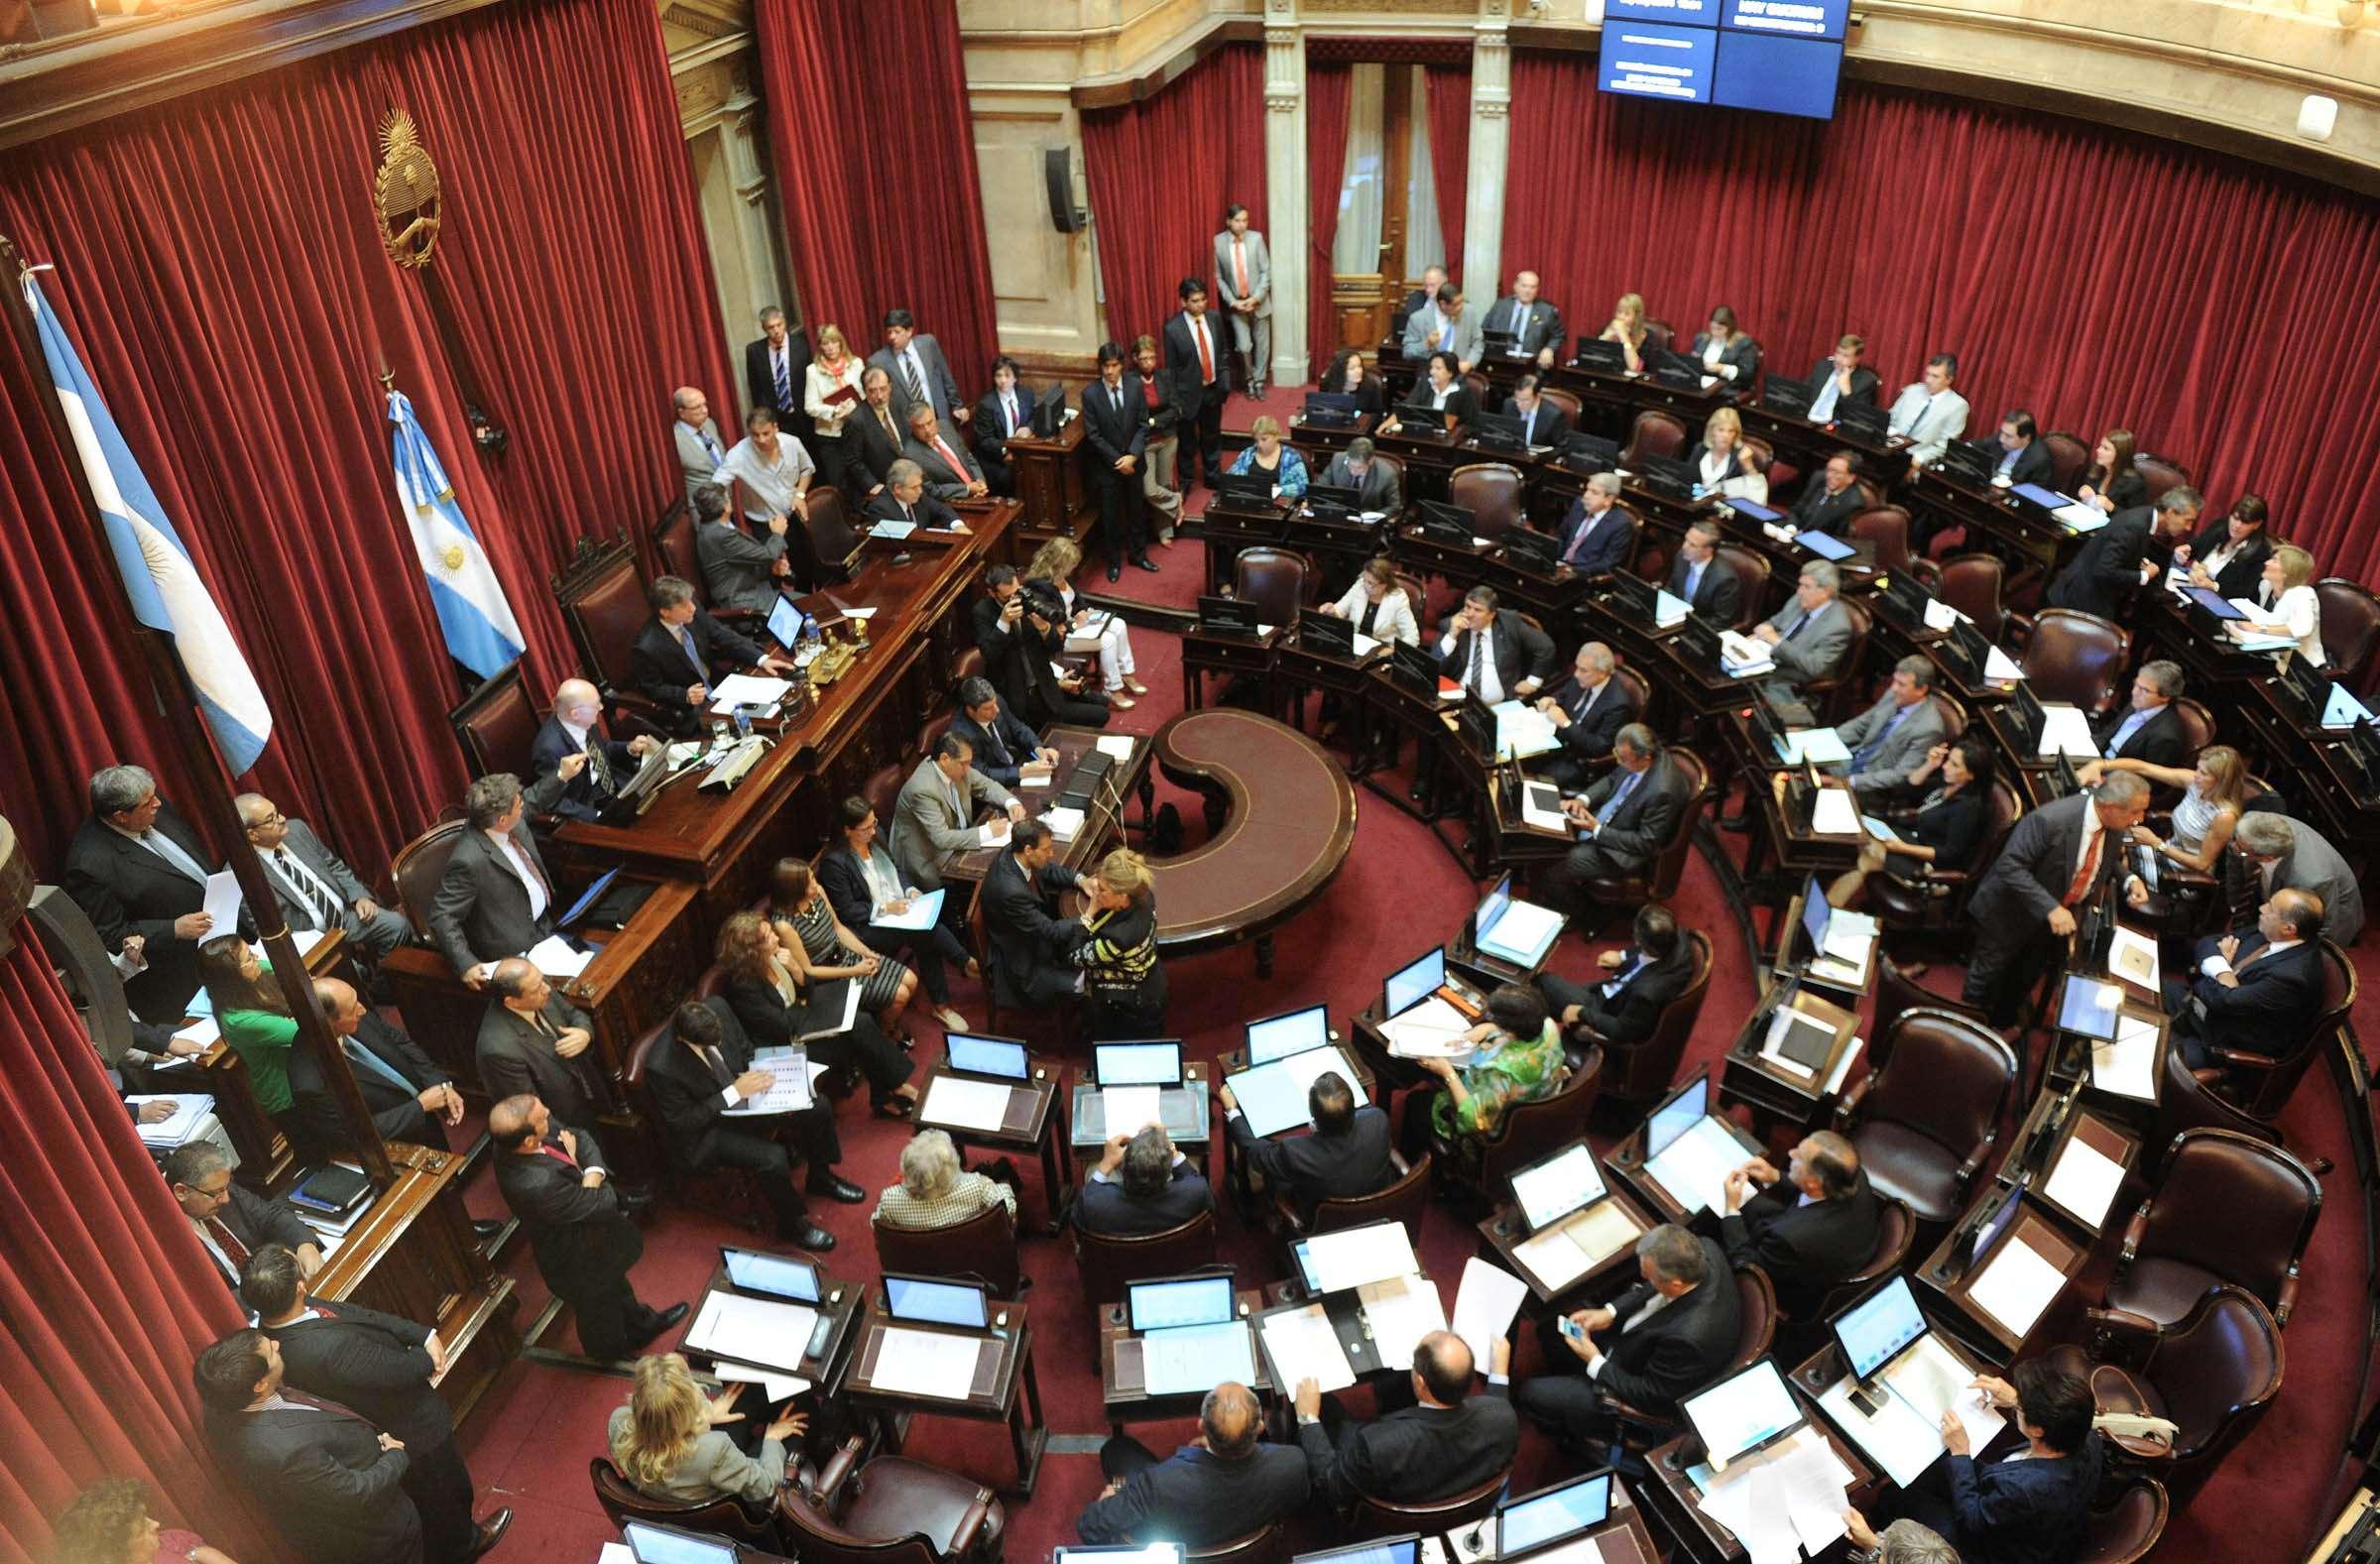 Arranca en el Senado el debate por la reforma del Código Penal Foto: Télam